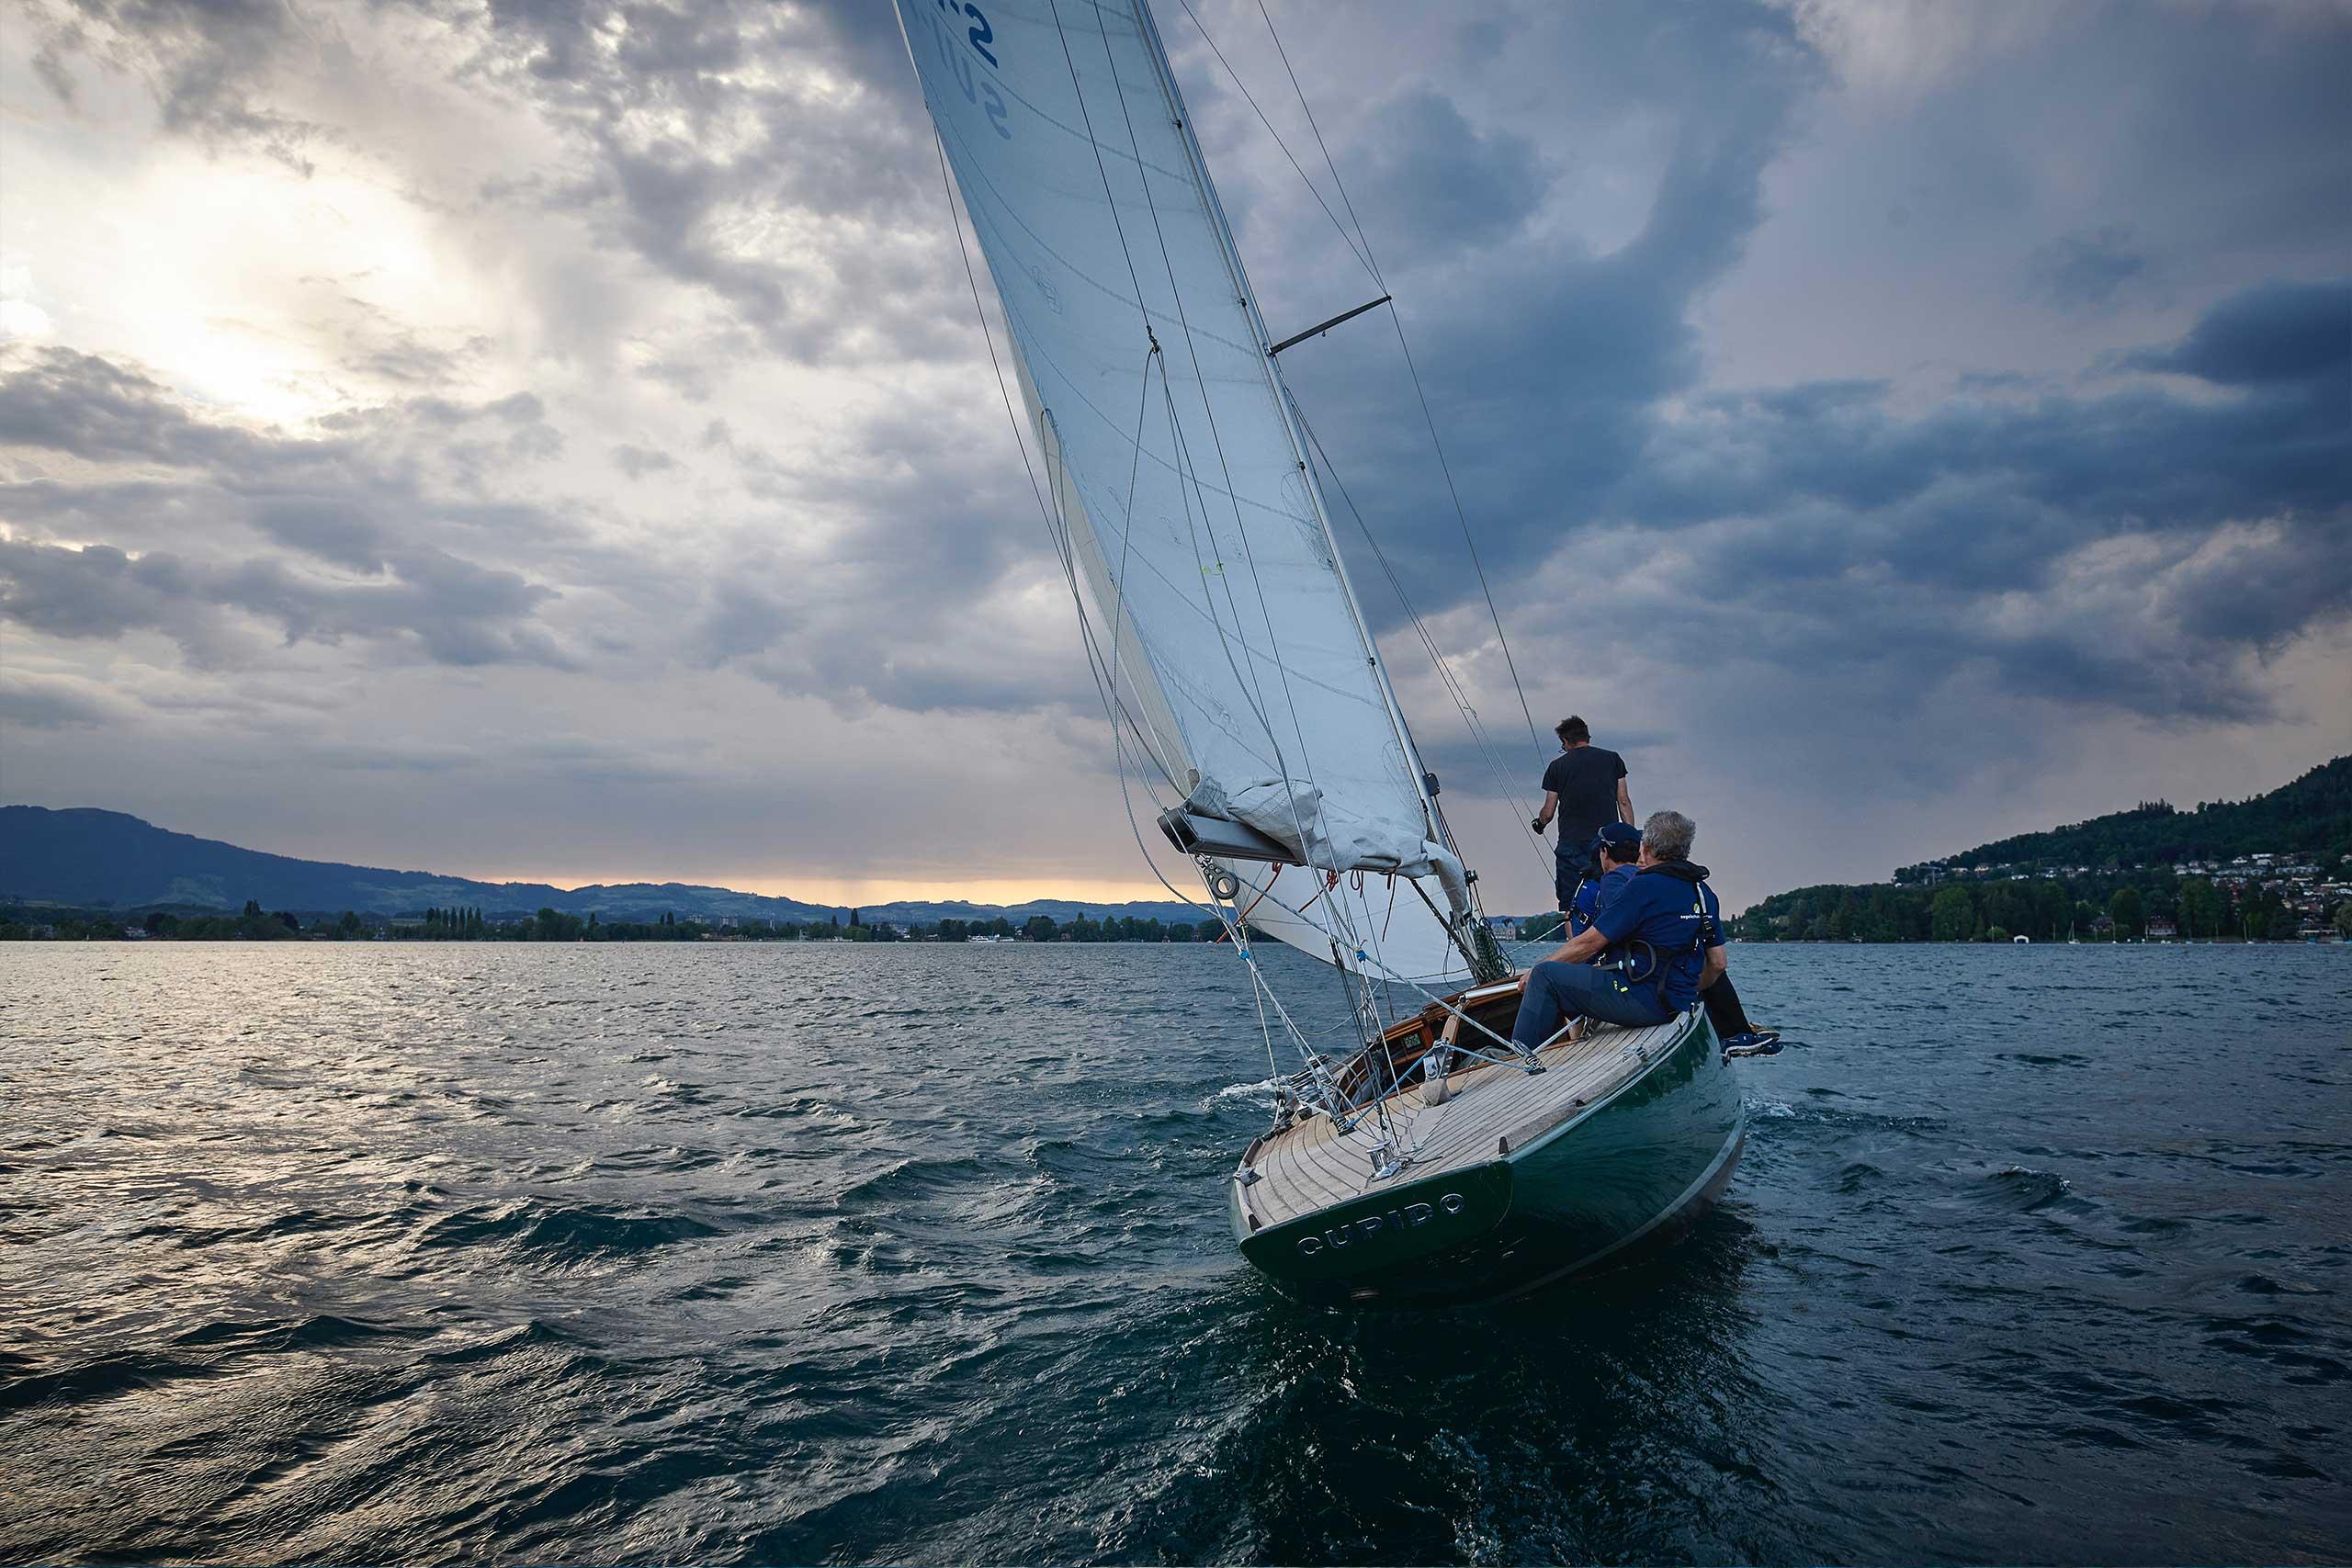 segelschule-thunersee-gaeste-segeln-segelschiff-abendstimmung.jpg